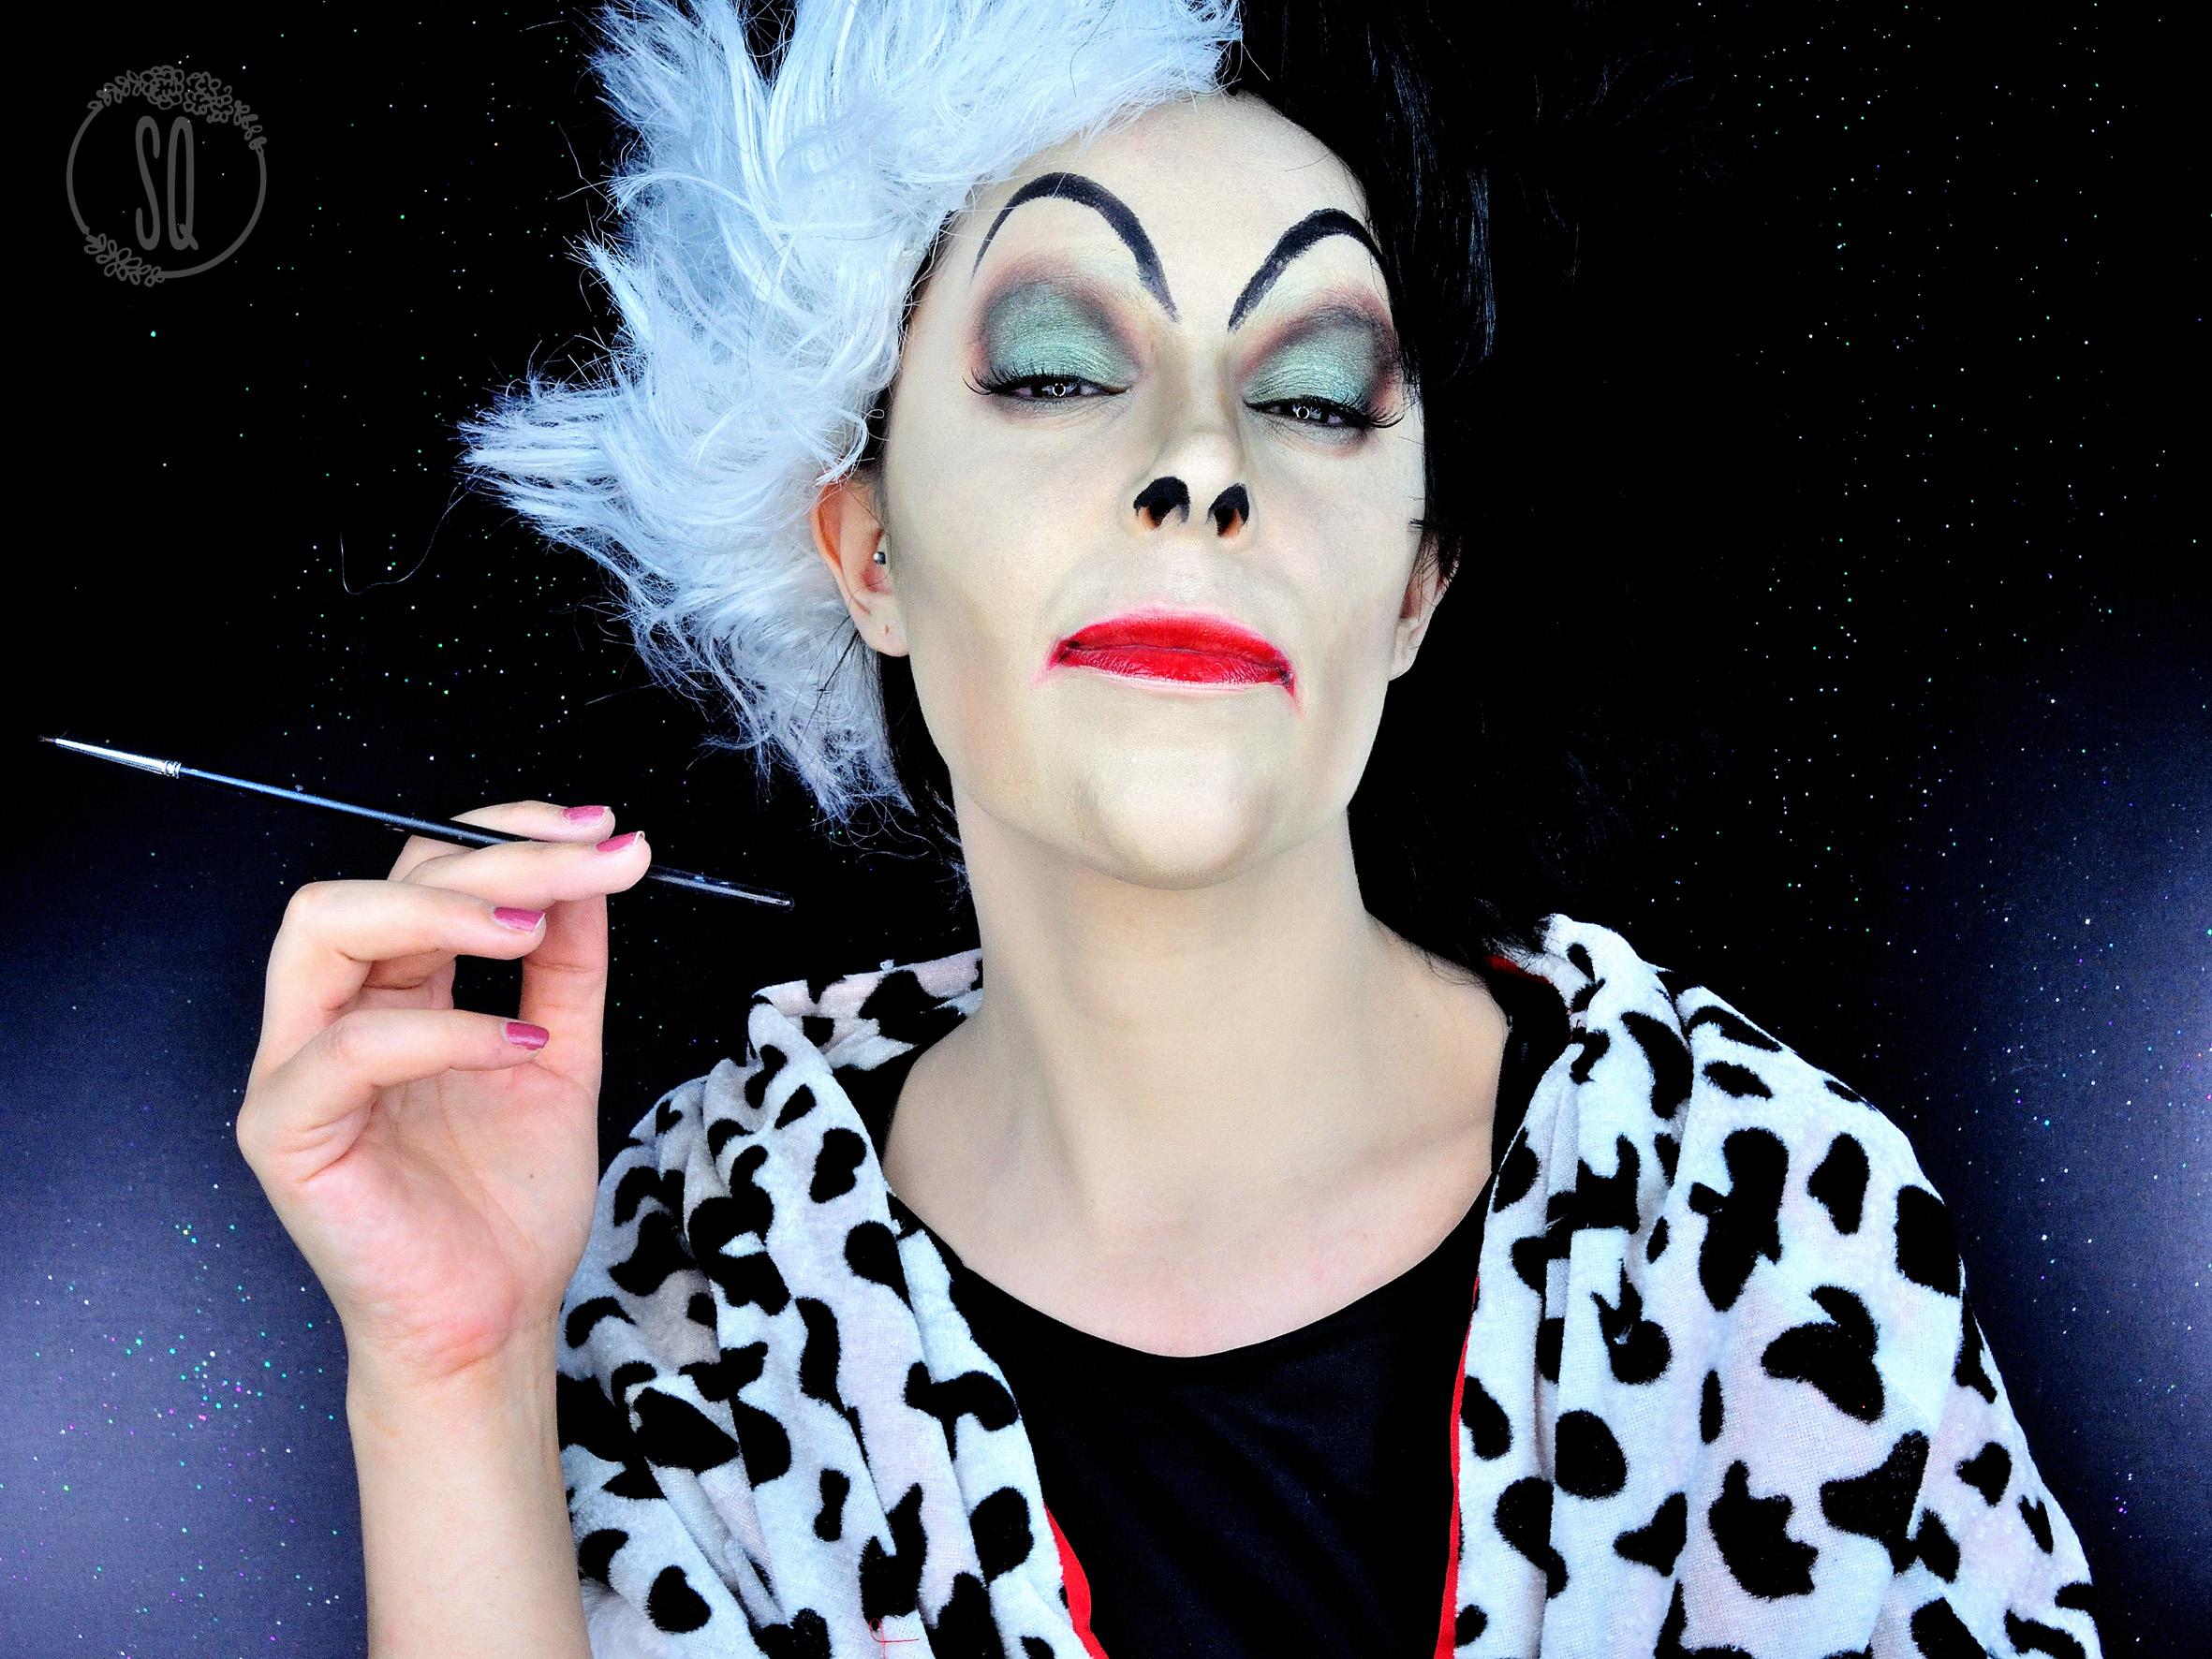 Cruella De Vil Fairy Tale Characters 5 Fantasy Makeup